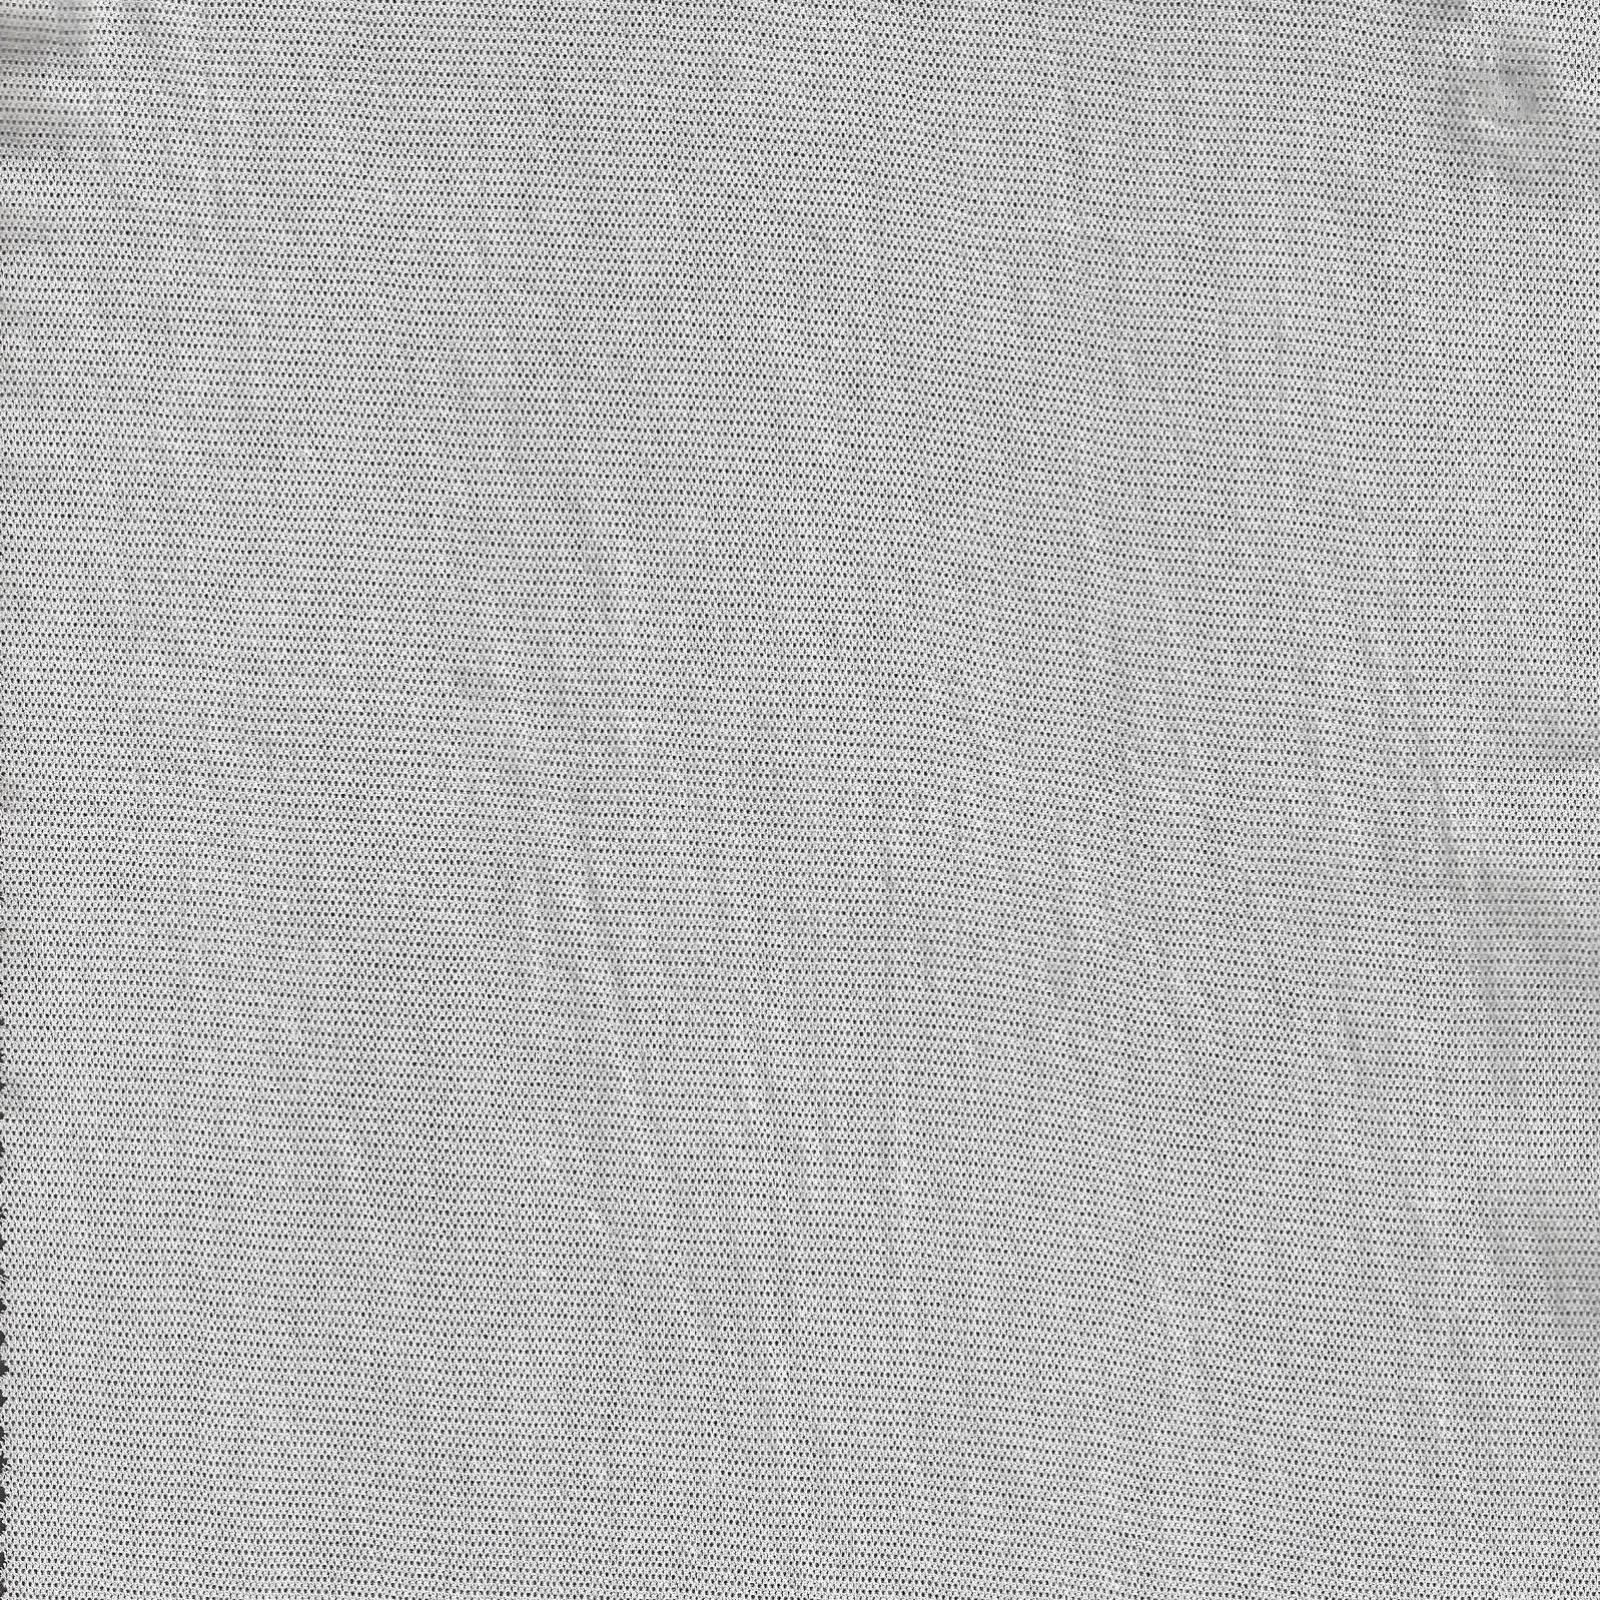 MRSK0140/35